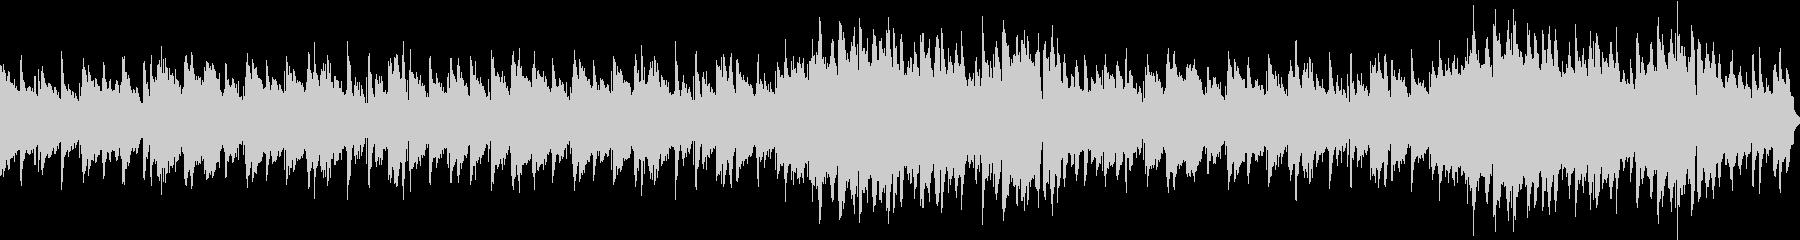 ジャズワルツ風の洒落たサックス曲の未再生の波形